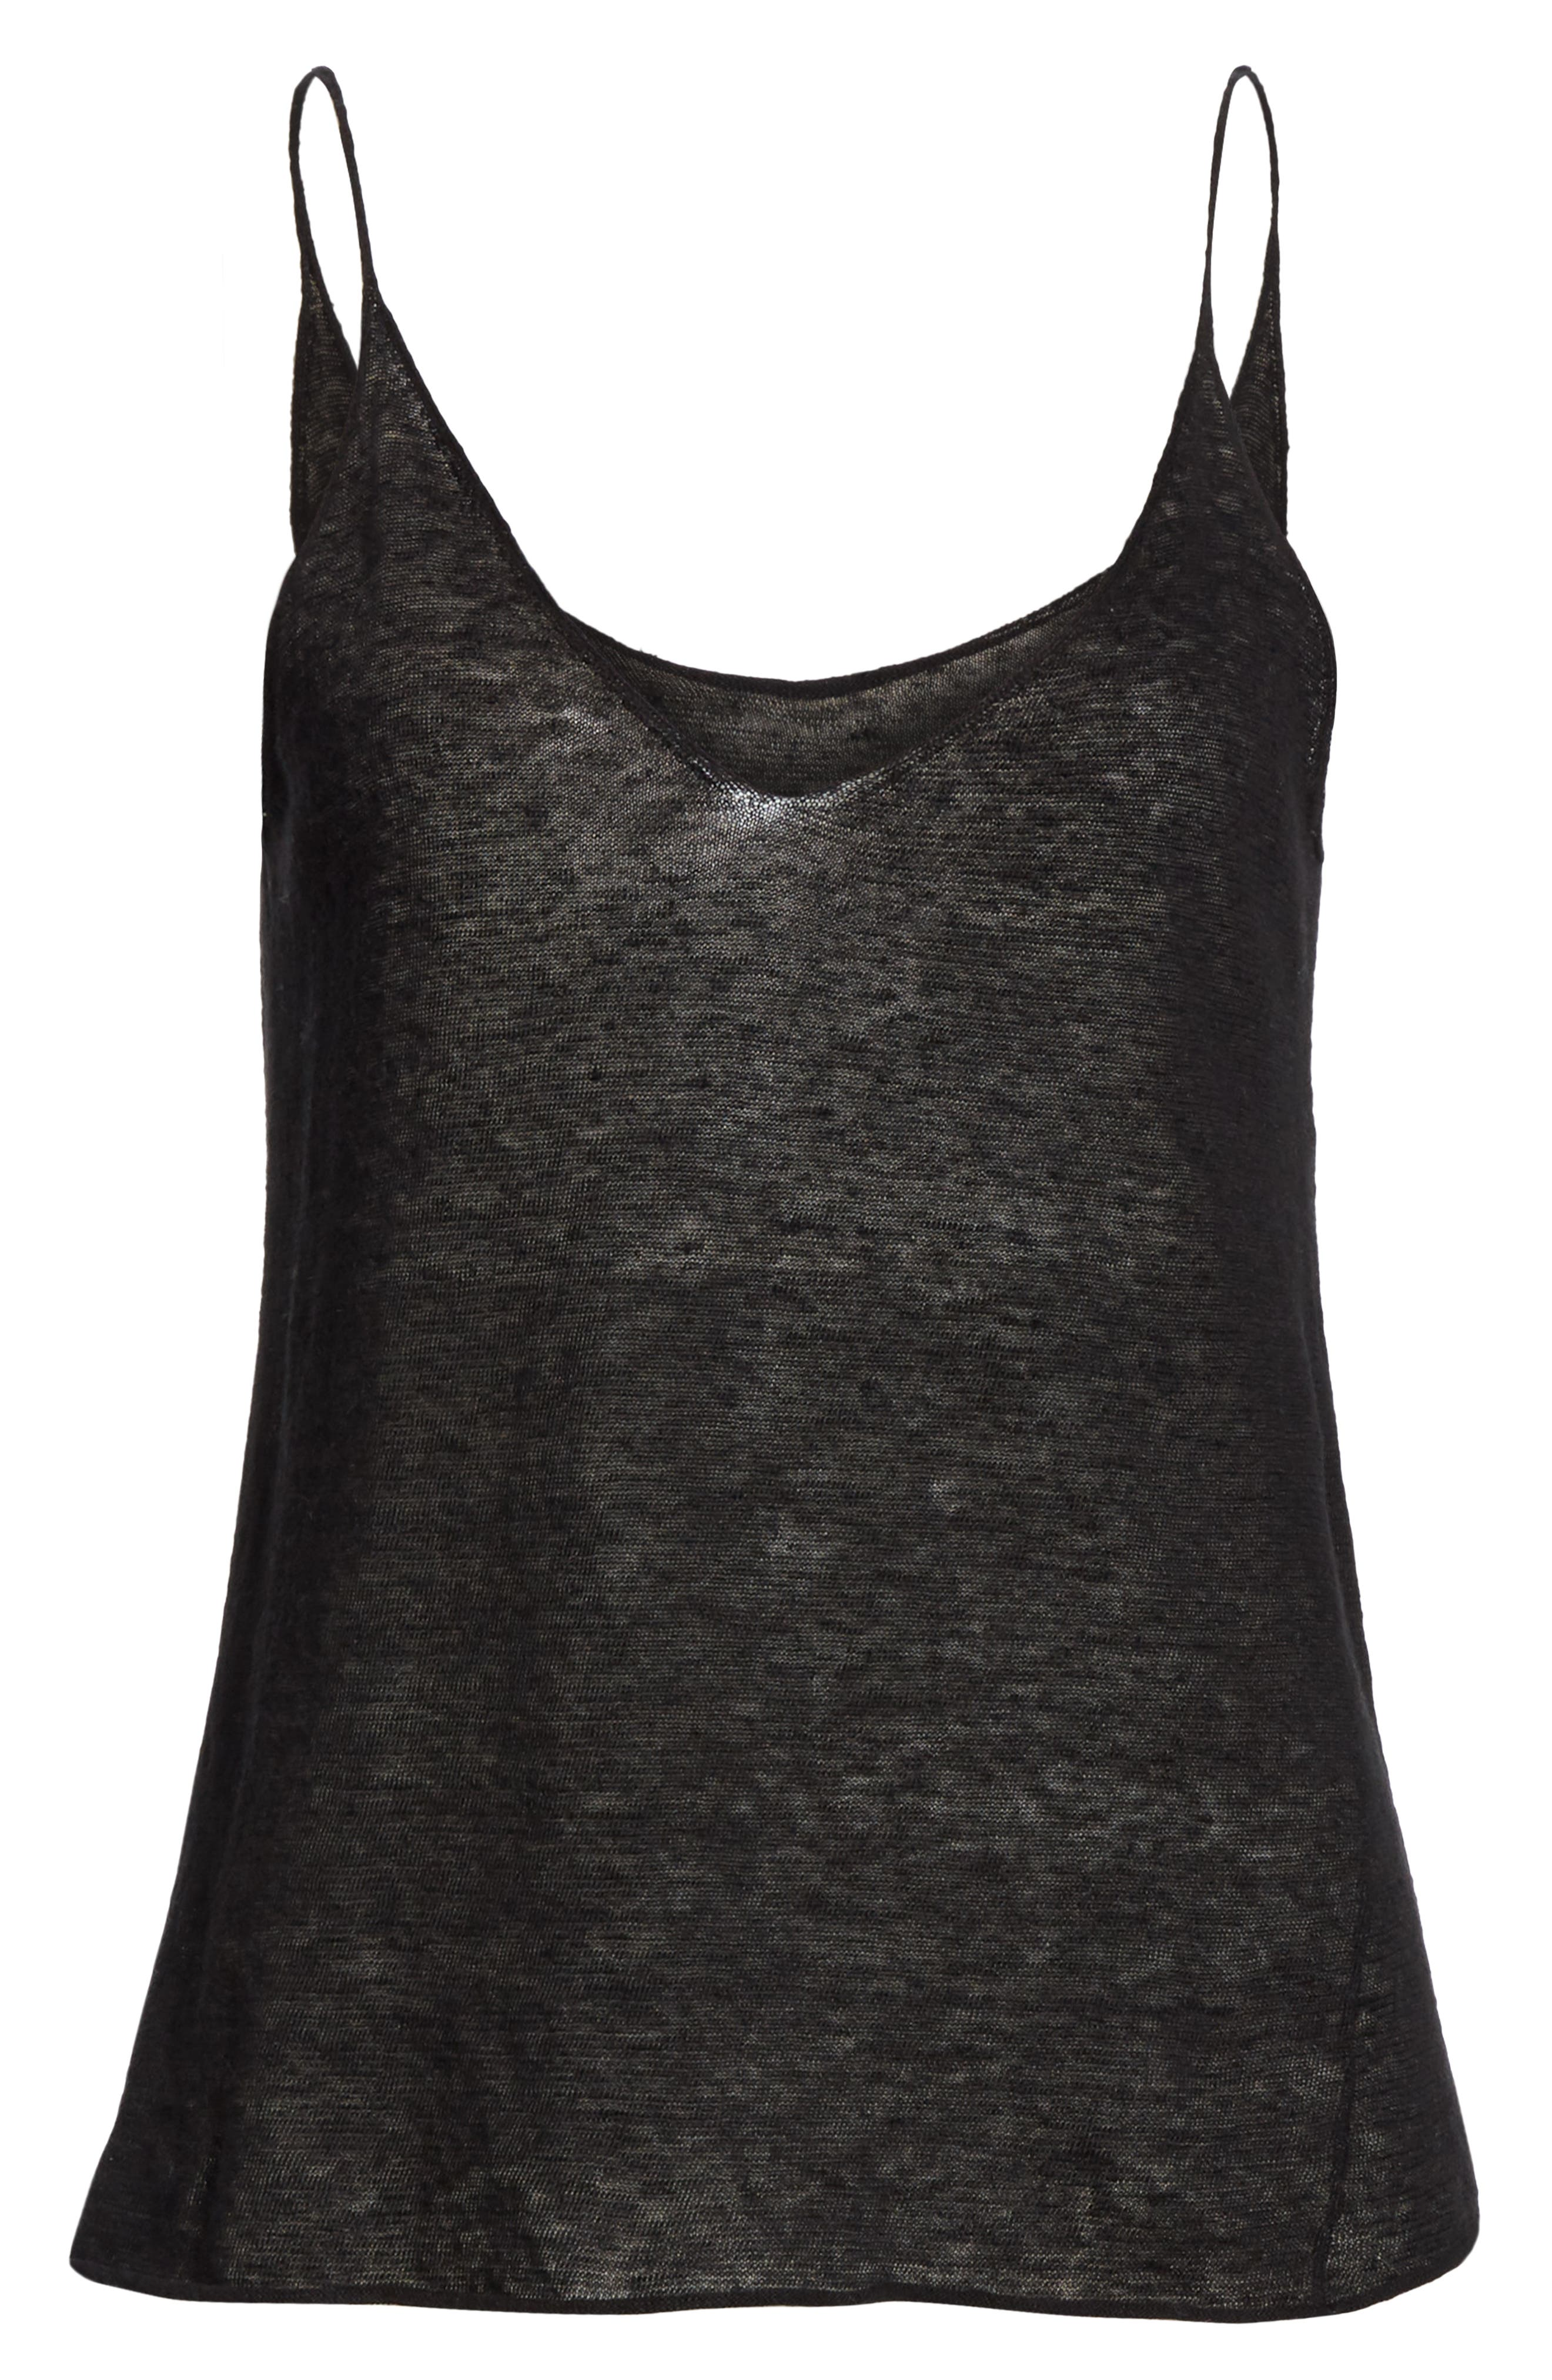 NILI LOTAN, Linen Sweater Tank, Alternate thumbnail 6, color, BLACK